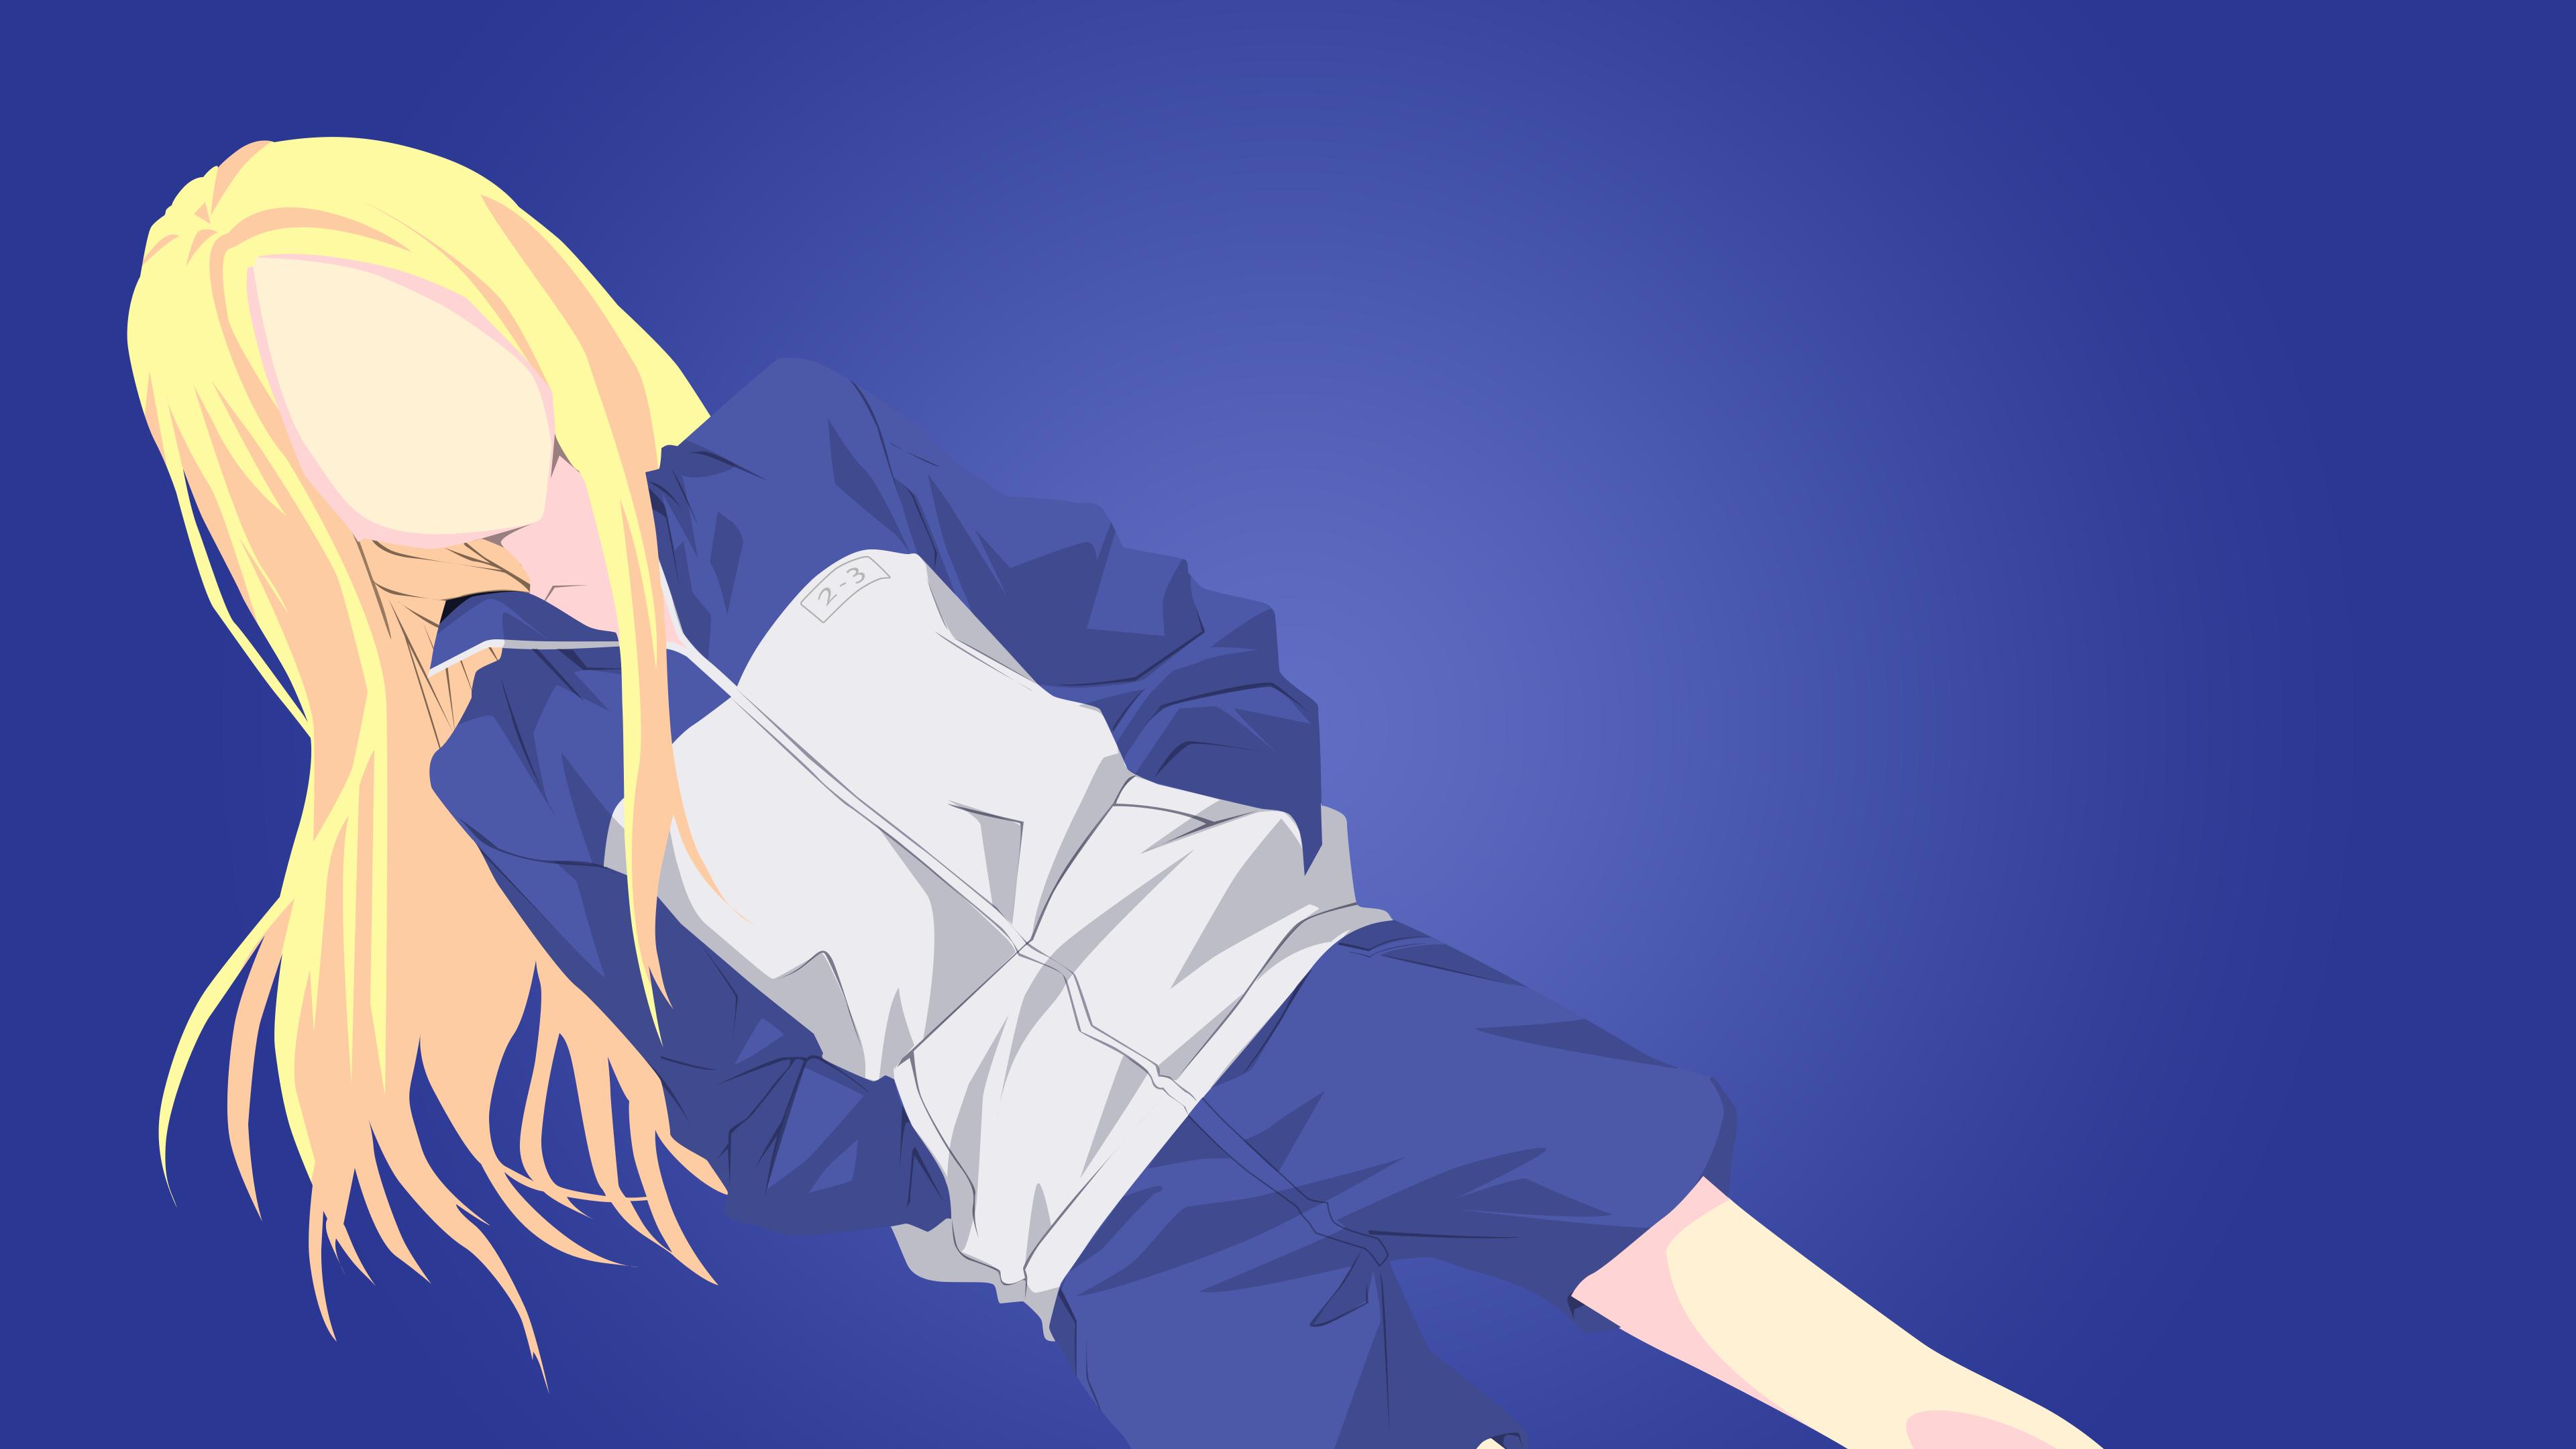 デスクトップ壁紙 図 アニメの女の子 青 漫画 ニノ荒川アンダー